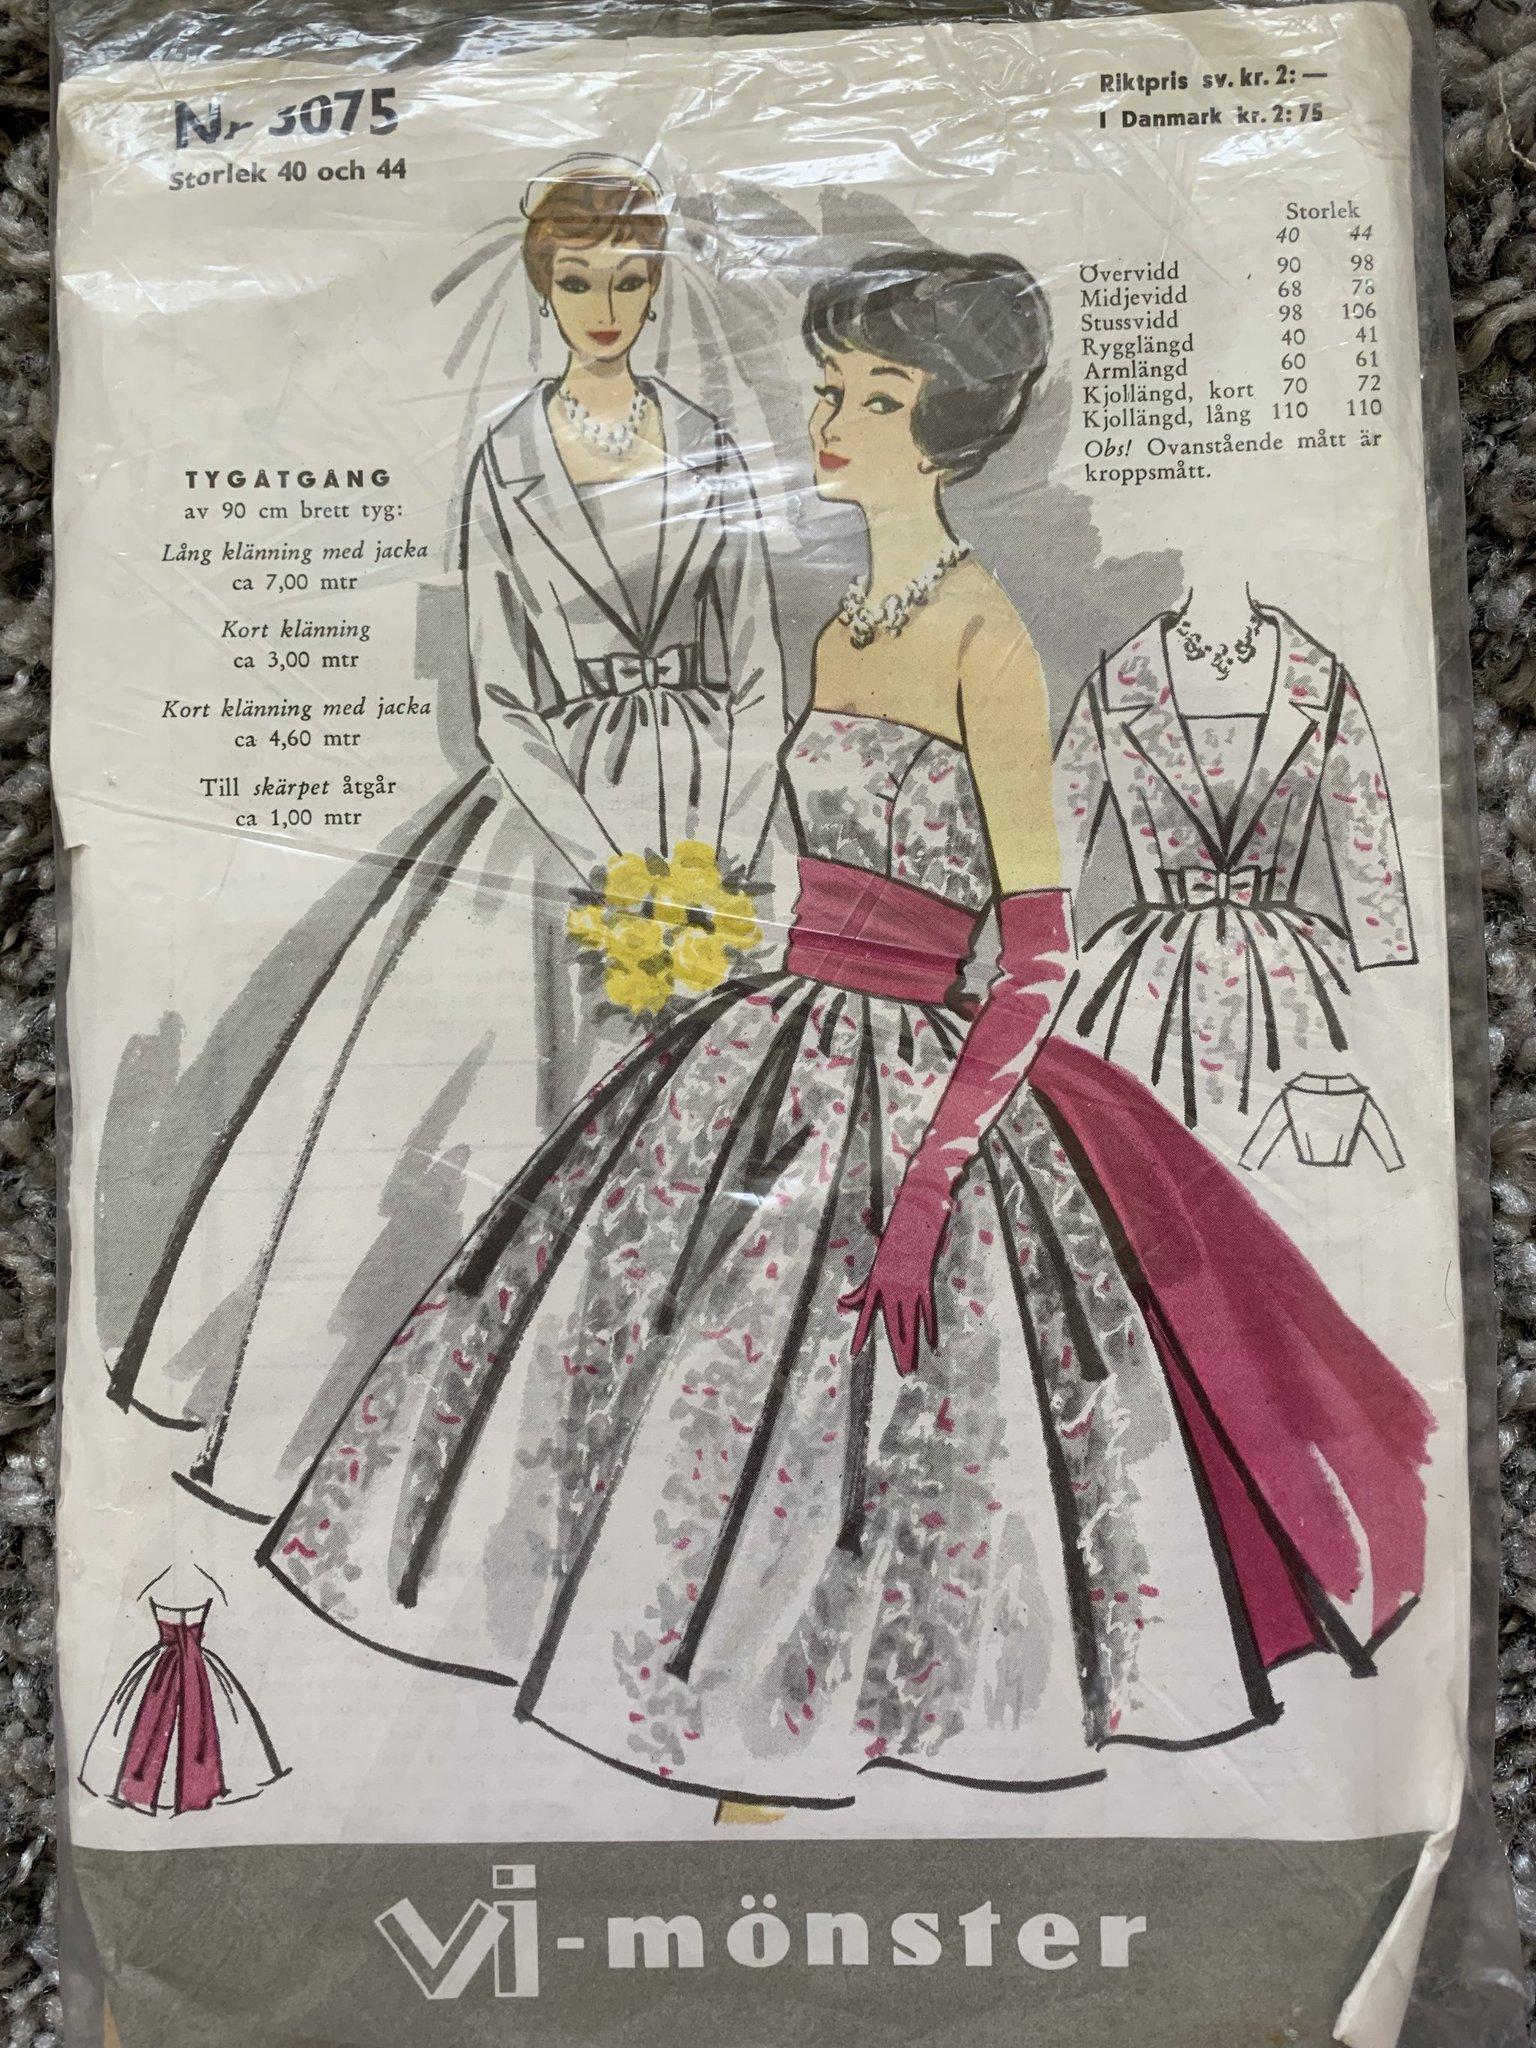 374fad6c20ae Symönster retro vintage Vi 50 60 tal klänning (351915309) ᐈ Köp på ...